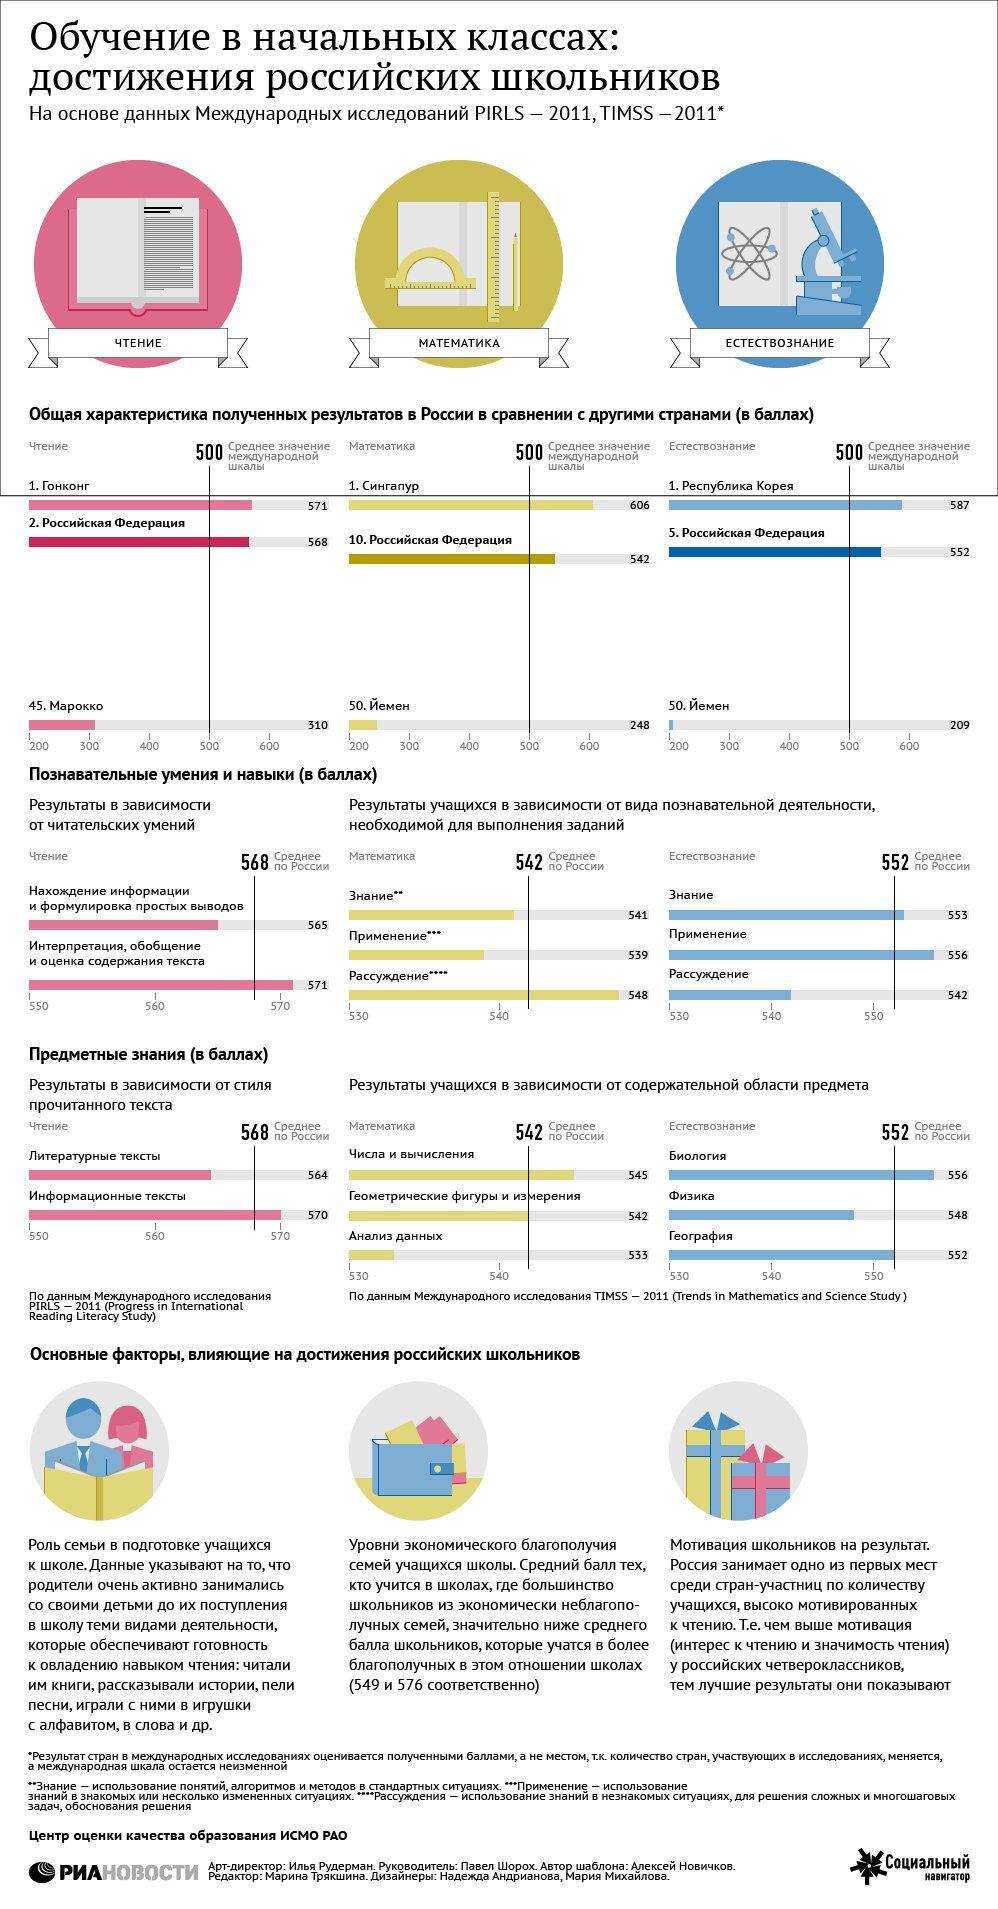 Обучение в начальных классах: достижения российских школьников